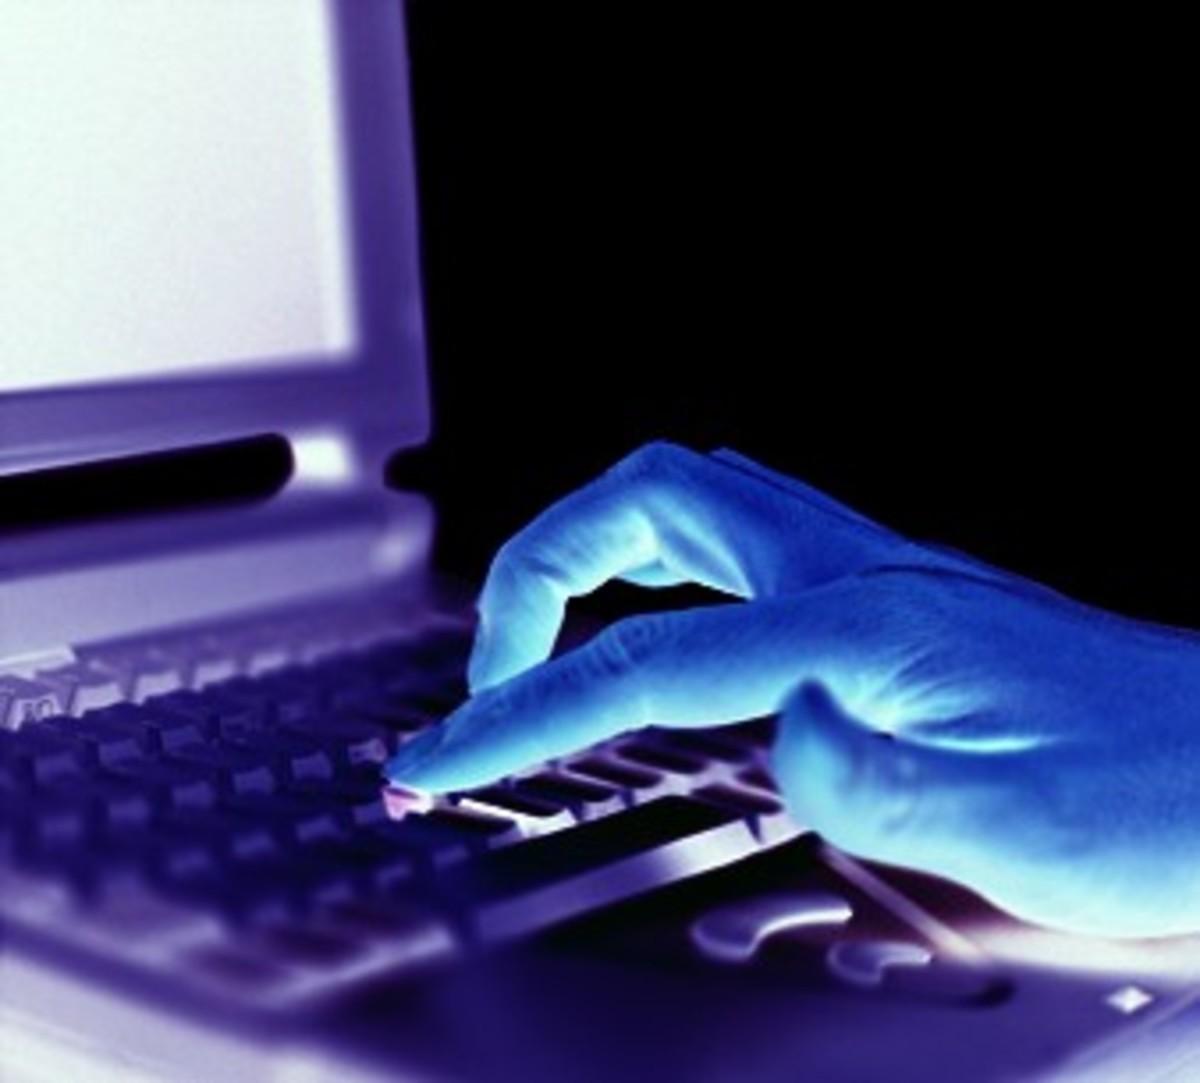 Ηράκλειο: Το χτύπημα χάκερ σε ιατροδικαστή και η κλοπή που δεν έγινε ποτέ… | Newsit.gr